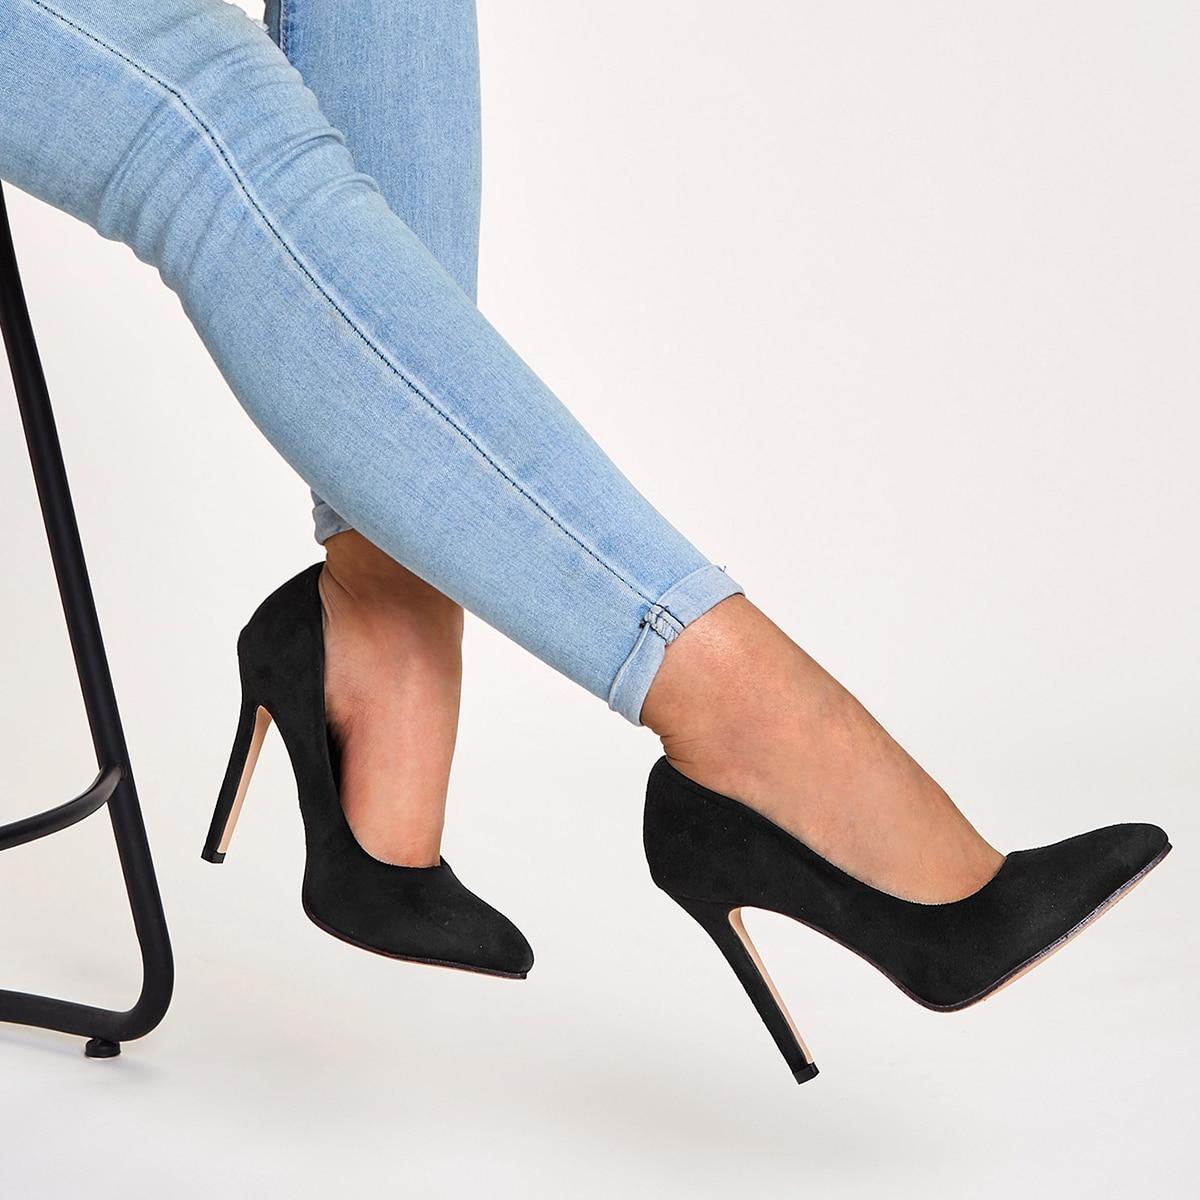 Остроконечные замшевые туфли на шпильках